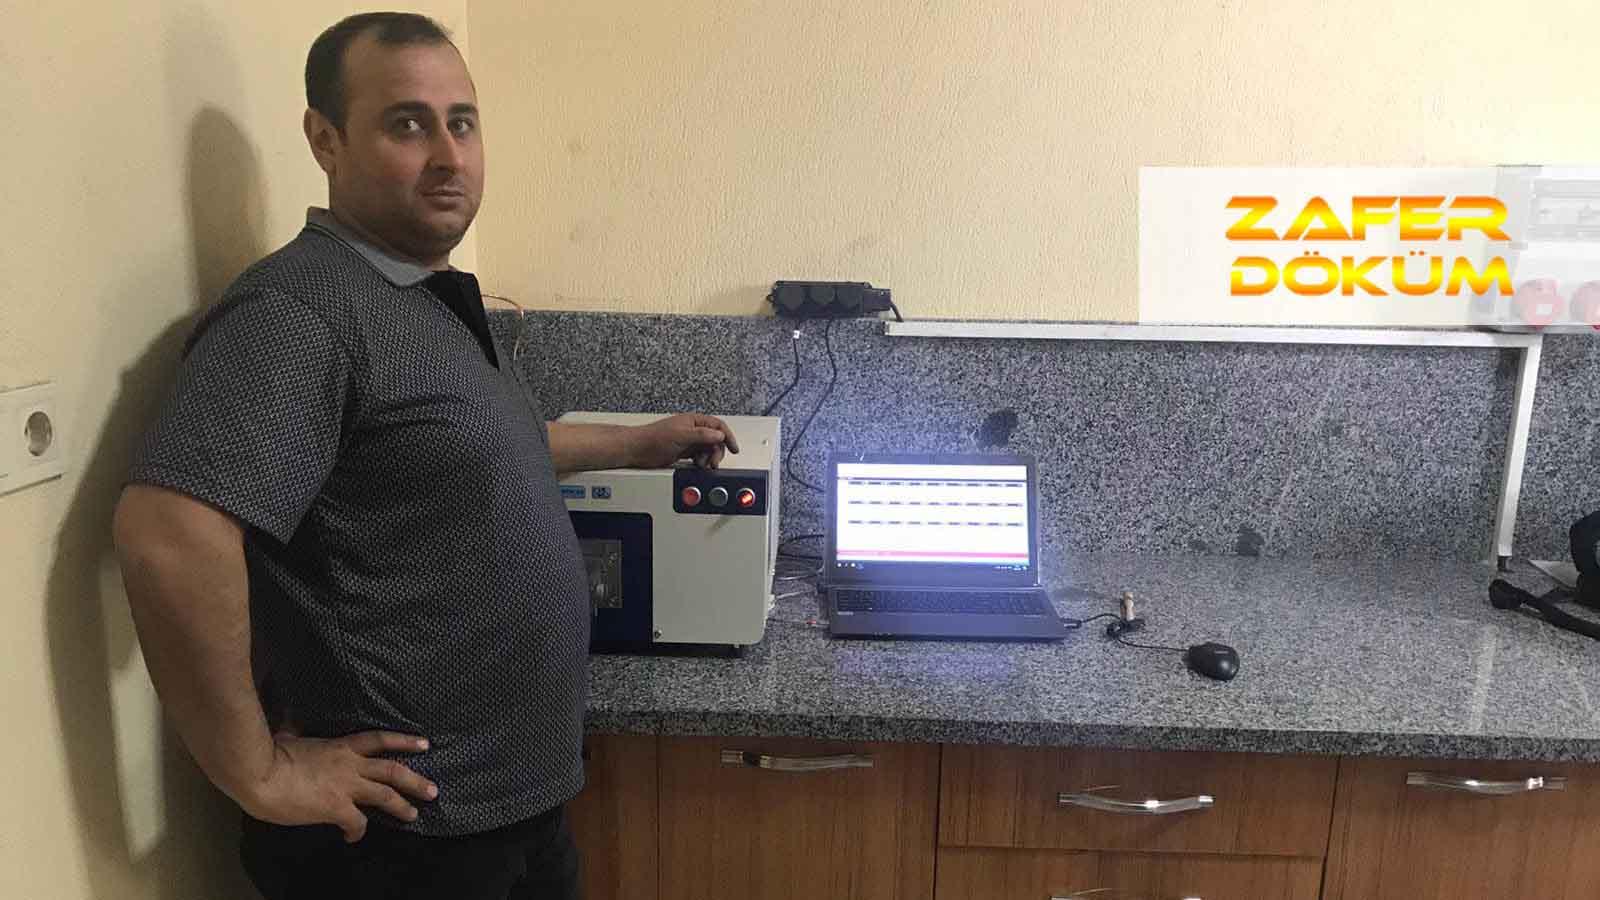 Zafer Döküm, Üretim Kontollerini Hitachi Foundry Master Smart Optik Emisyon Spektrometresiyle Yapmaya Başladı!